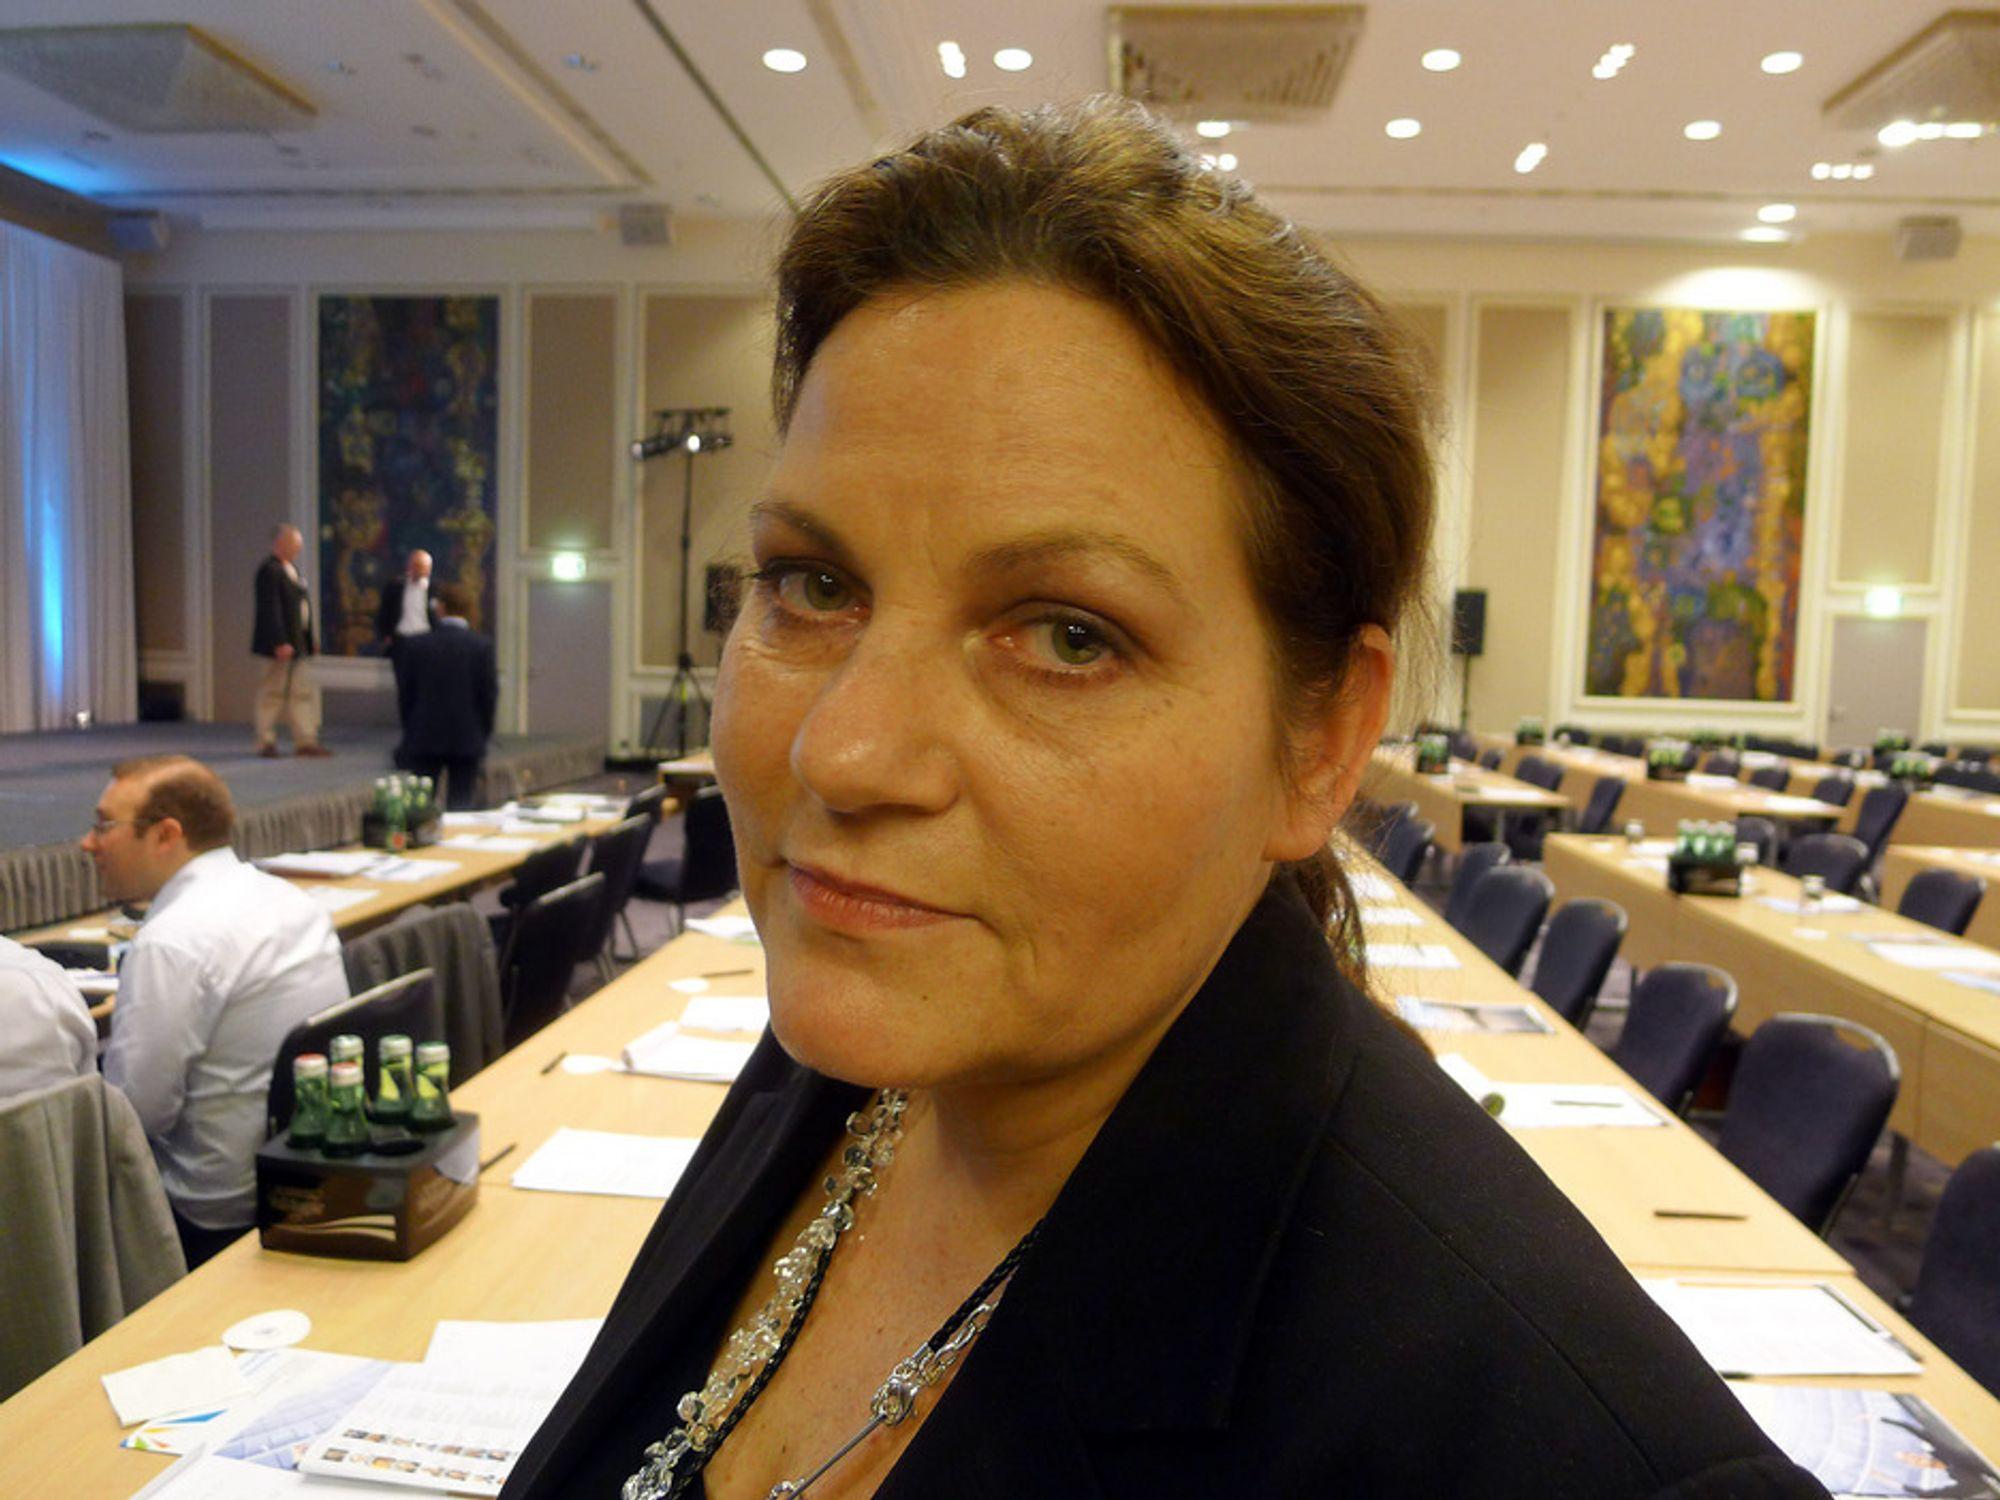 ETTERLYSER TYDELIGHET: Fungerende leder i Stortingets energi- og miljøkomité, Siri A. Meling (H) etterlyser tydelighet og ambisjoner fra OED i arbeidet med å øke antall utenlandskabler til og fra Norge.